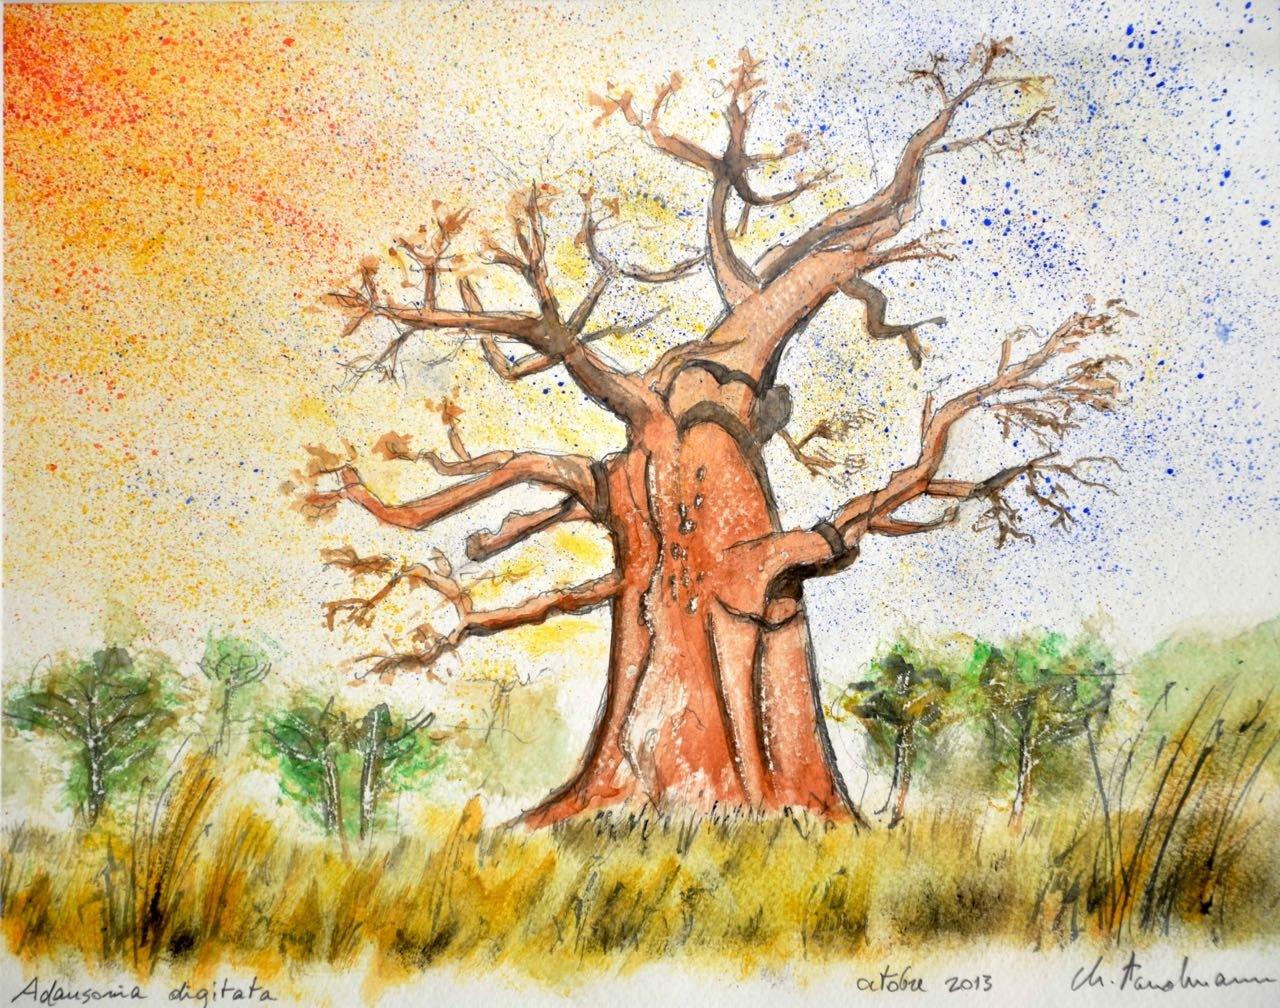 Baobab - Adansonia digitata